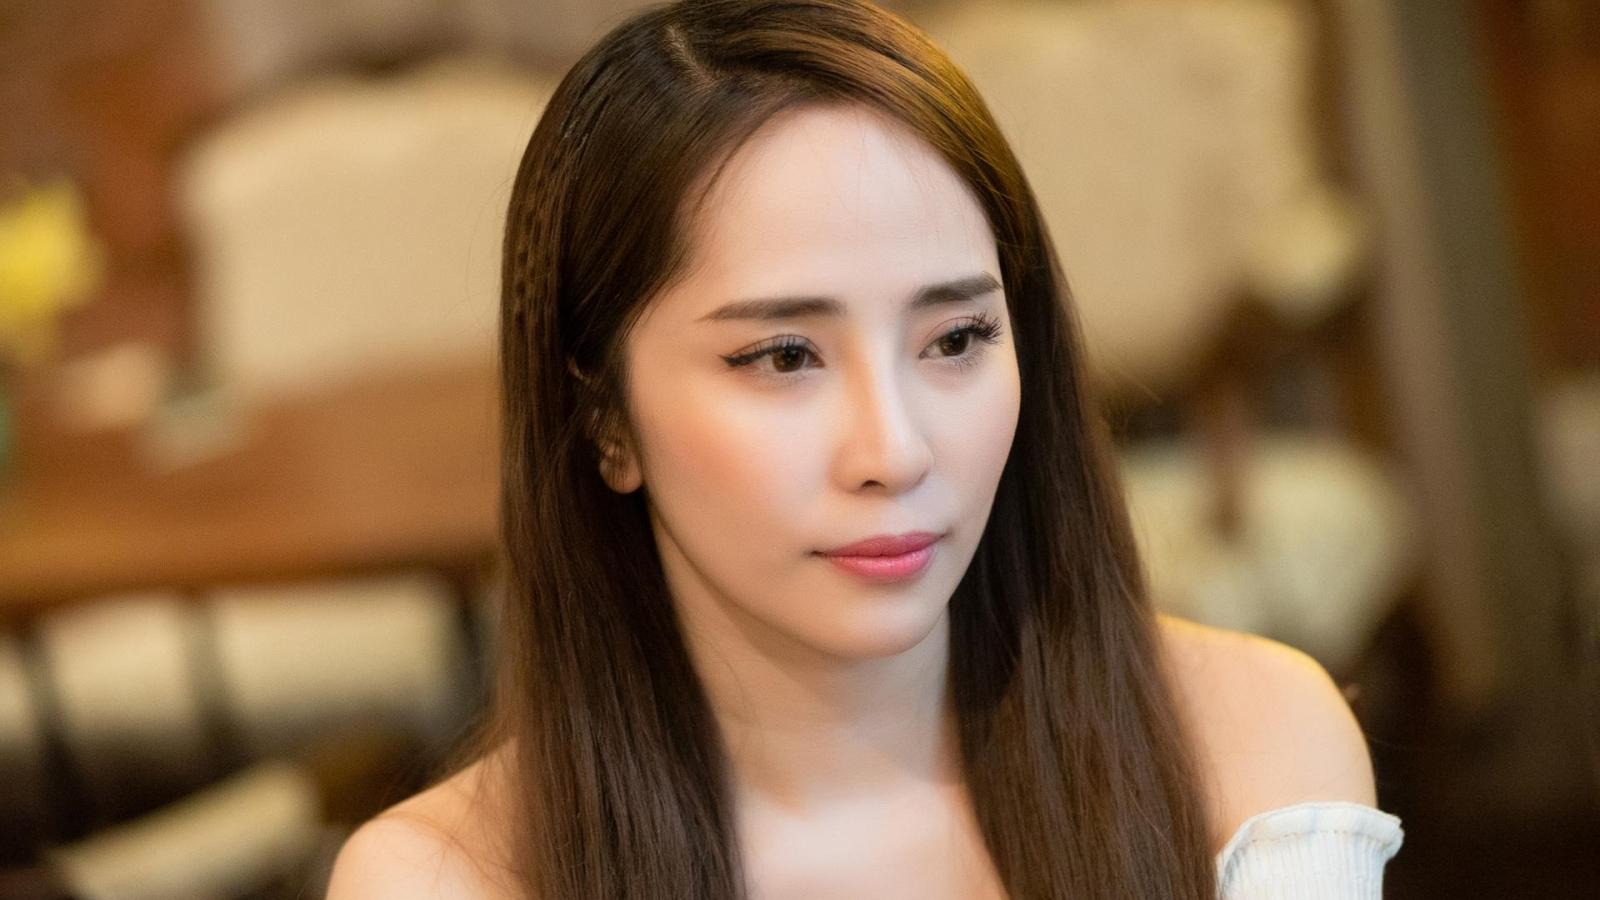 """Quỳnh Nga chia sẻ quan điểm về """"phụ nữ độc lập"""" sau cuộc hôn nhân tan vỡ"""